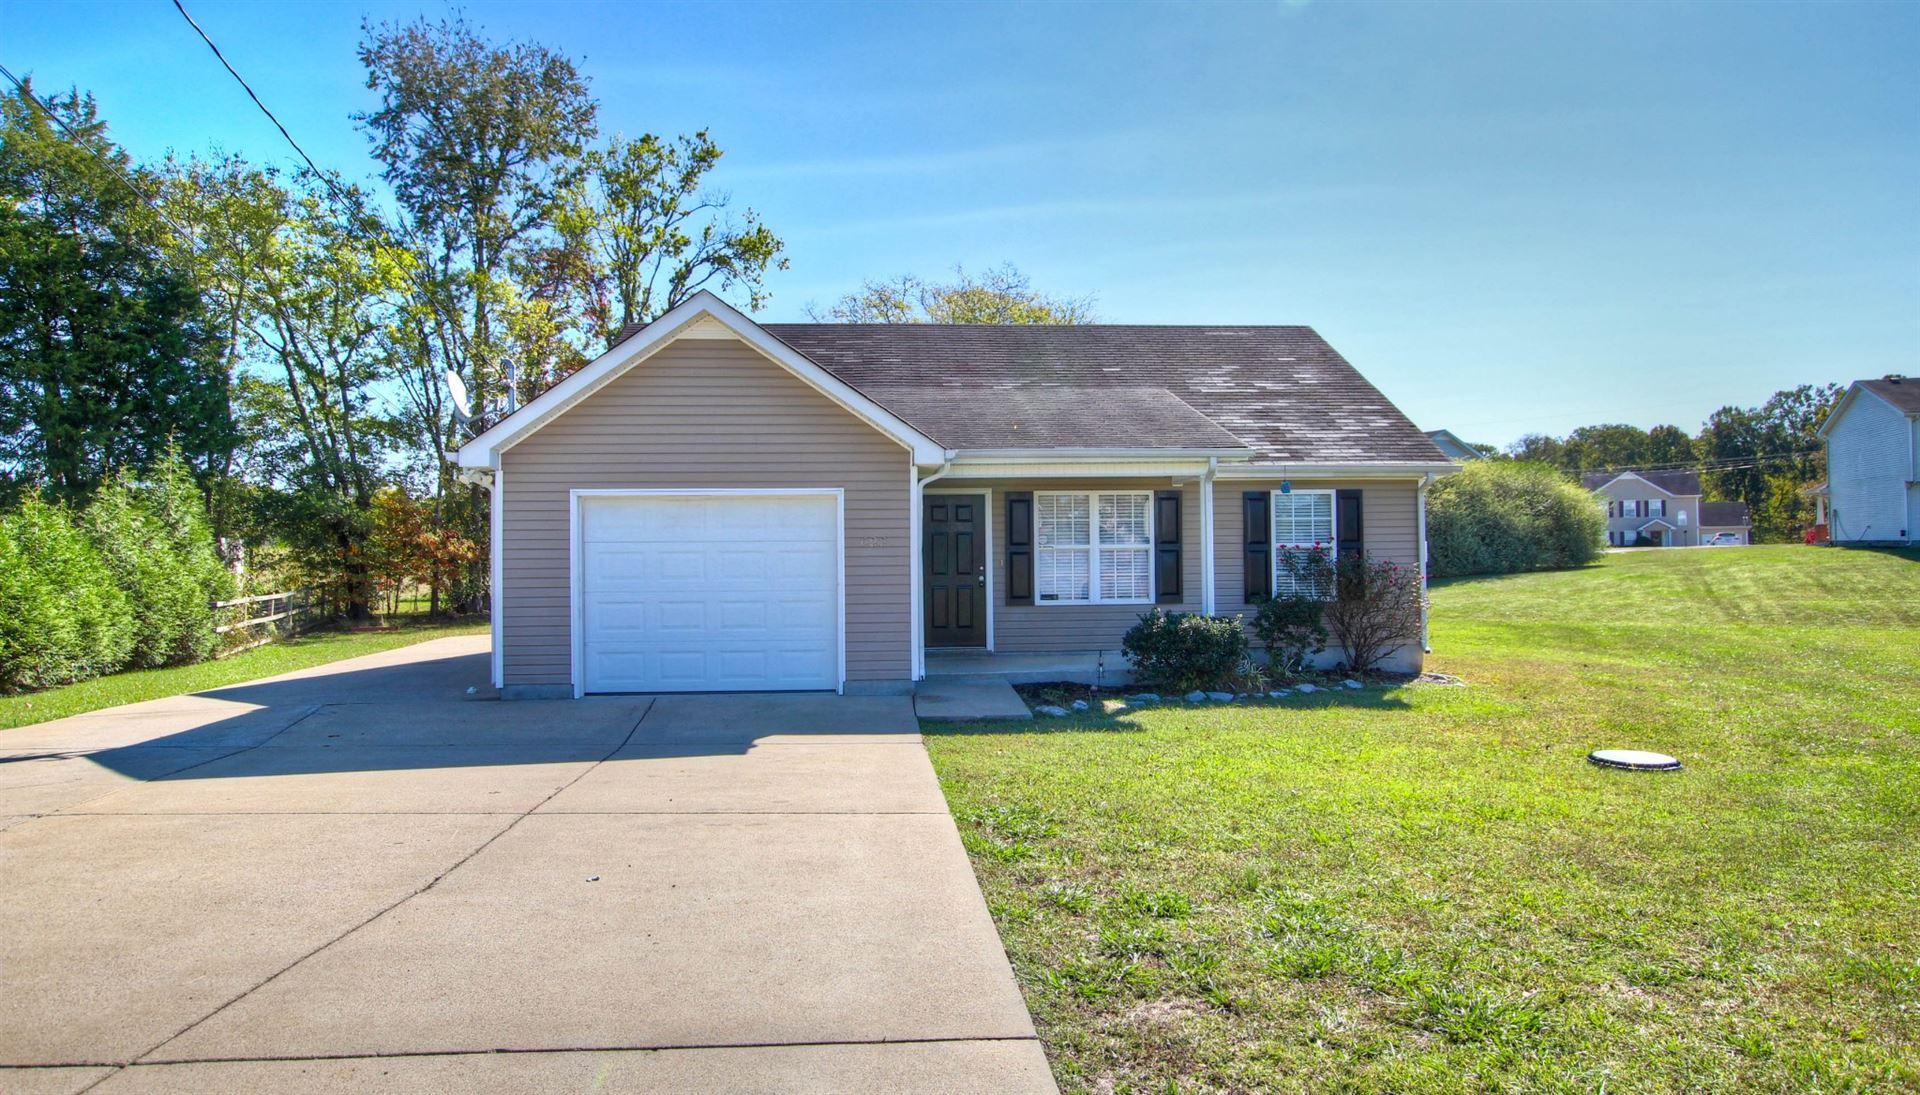 622 Whitewater Ln, Murfreesboro, TN 37129 - MLS#: 2199028